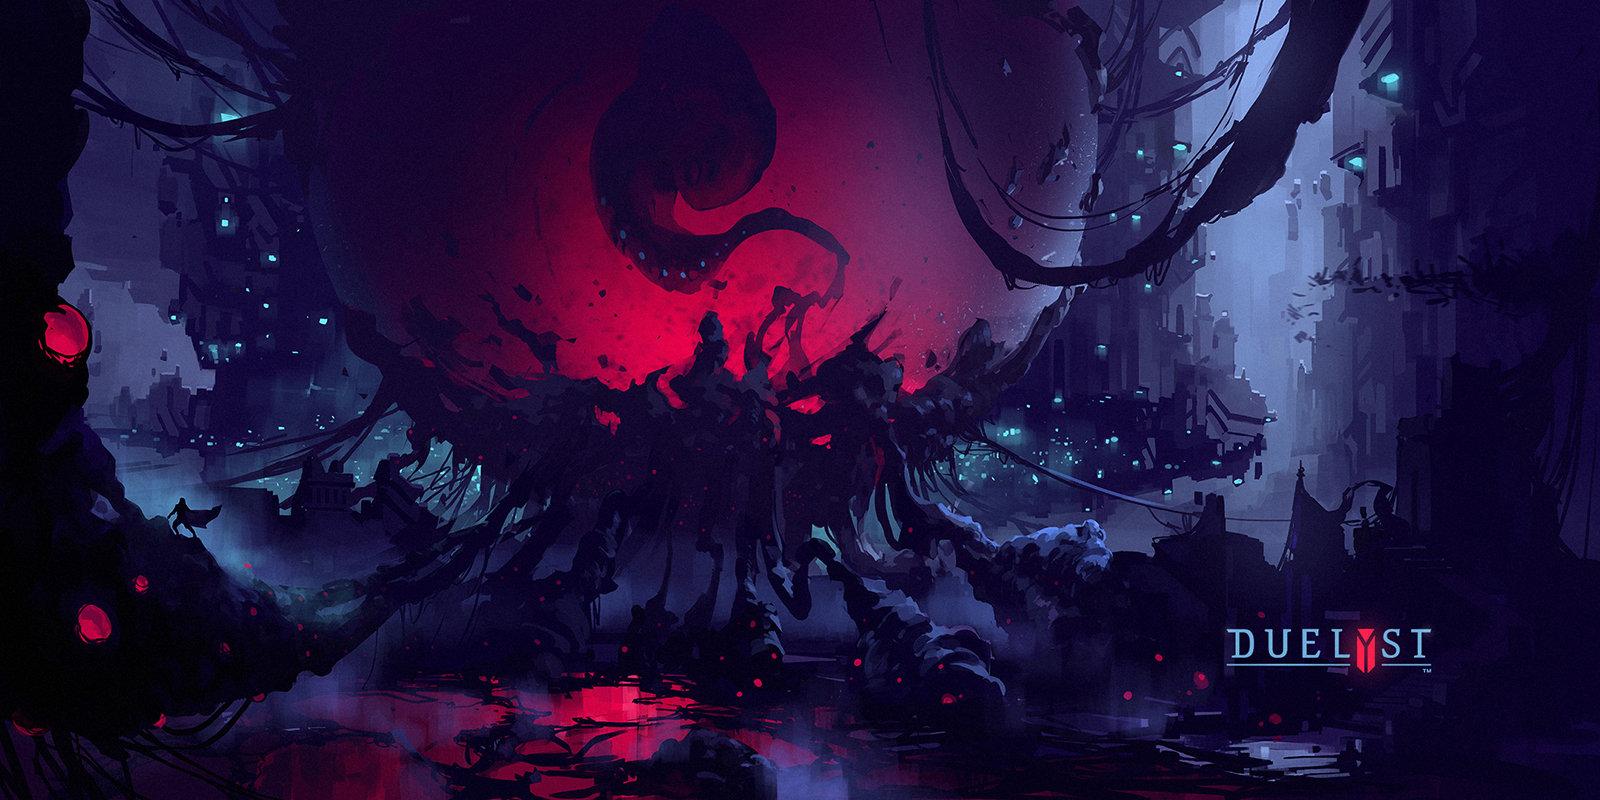 Anton fadeev bloodmoon ruins2 1 800 logo